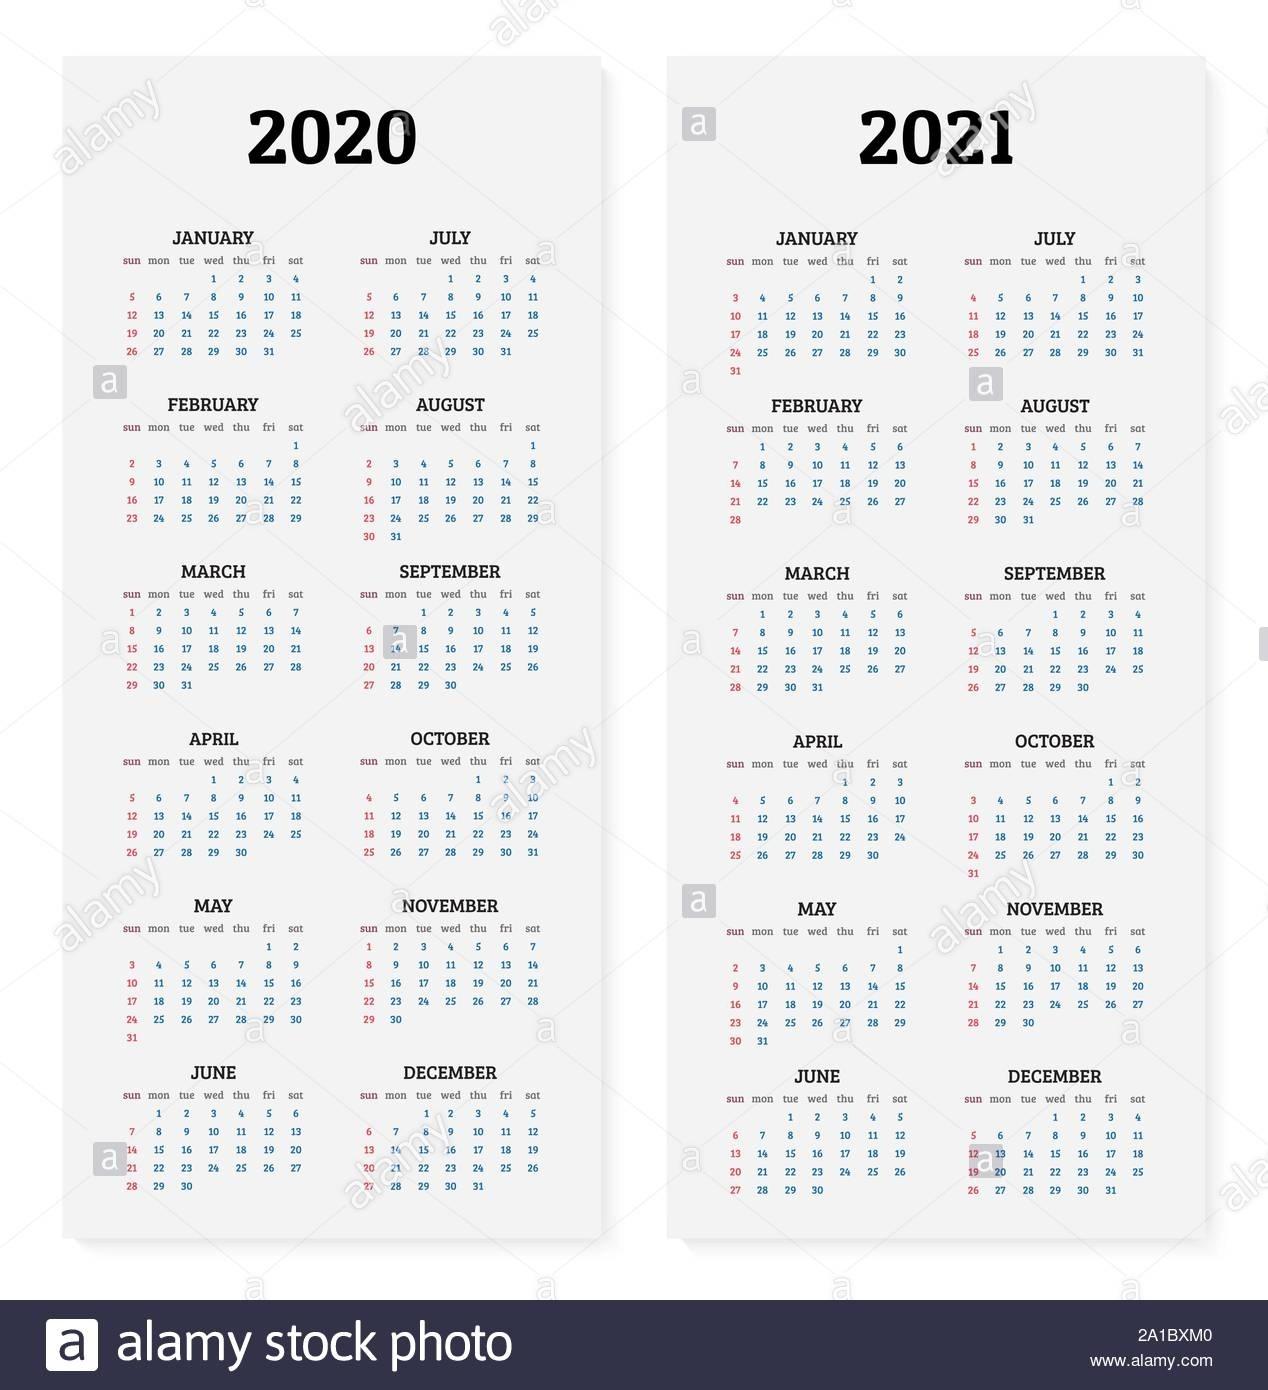 2020 And 2021 Annual Calendar. Vector Illustration Stock Calendario Juliano 2021